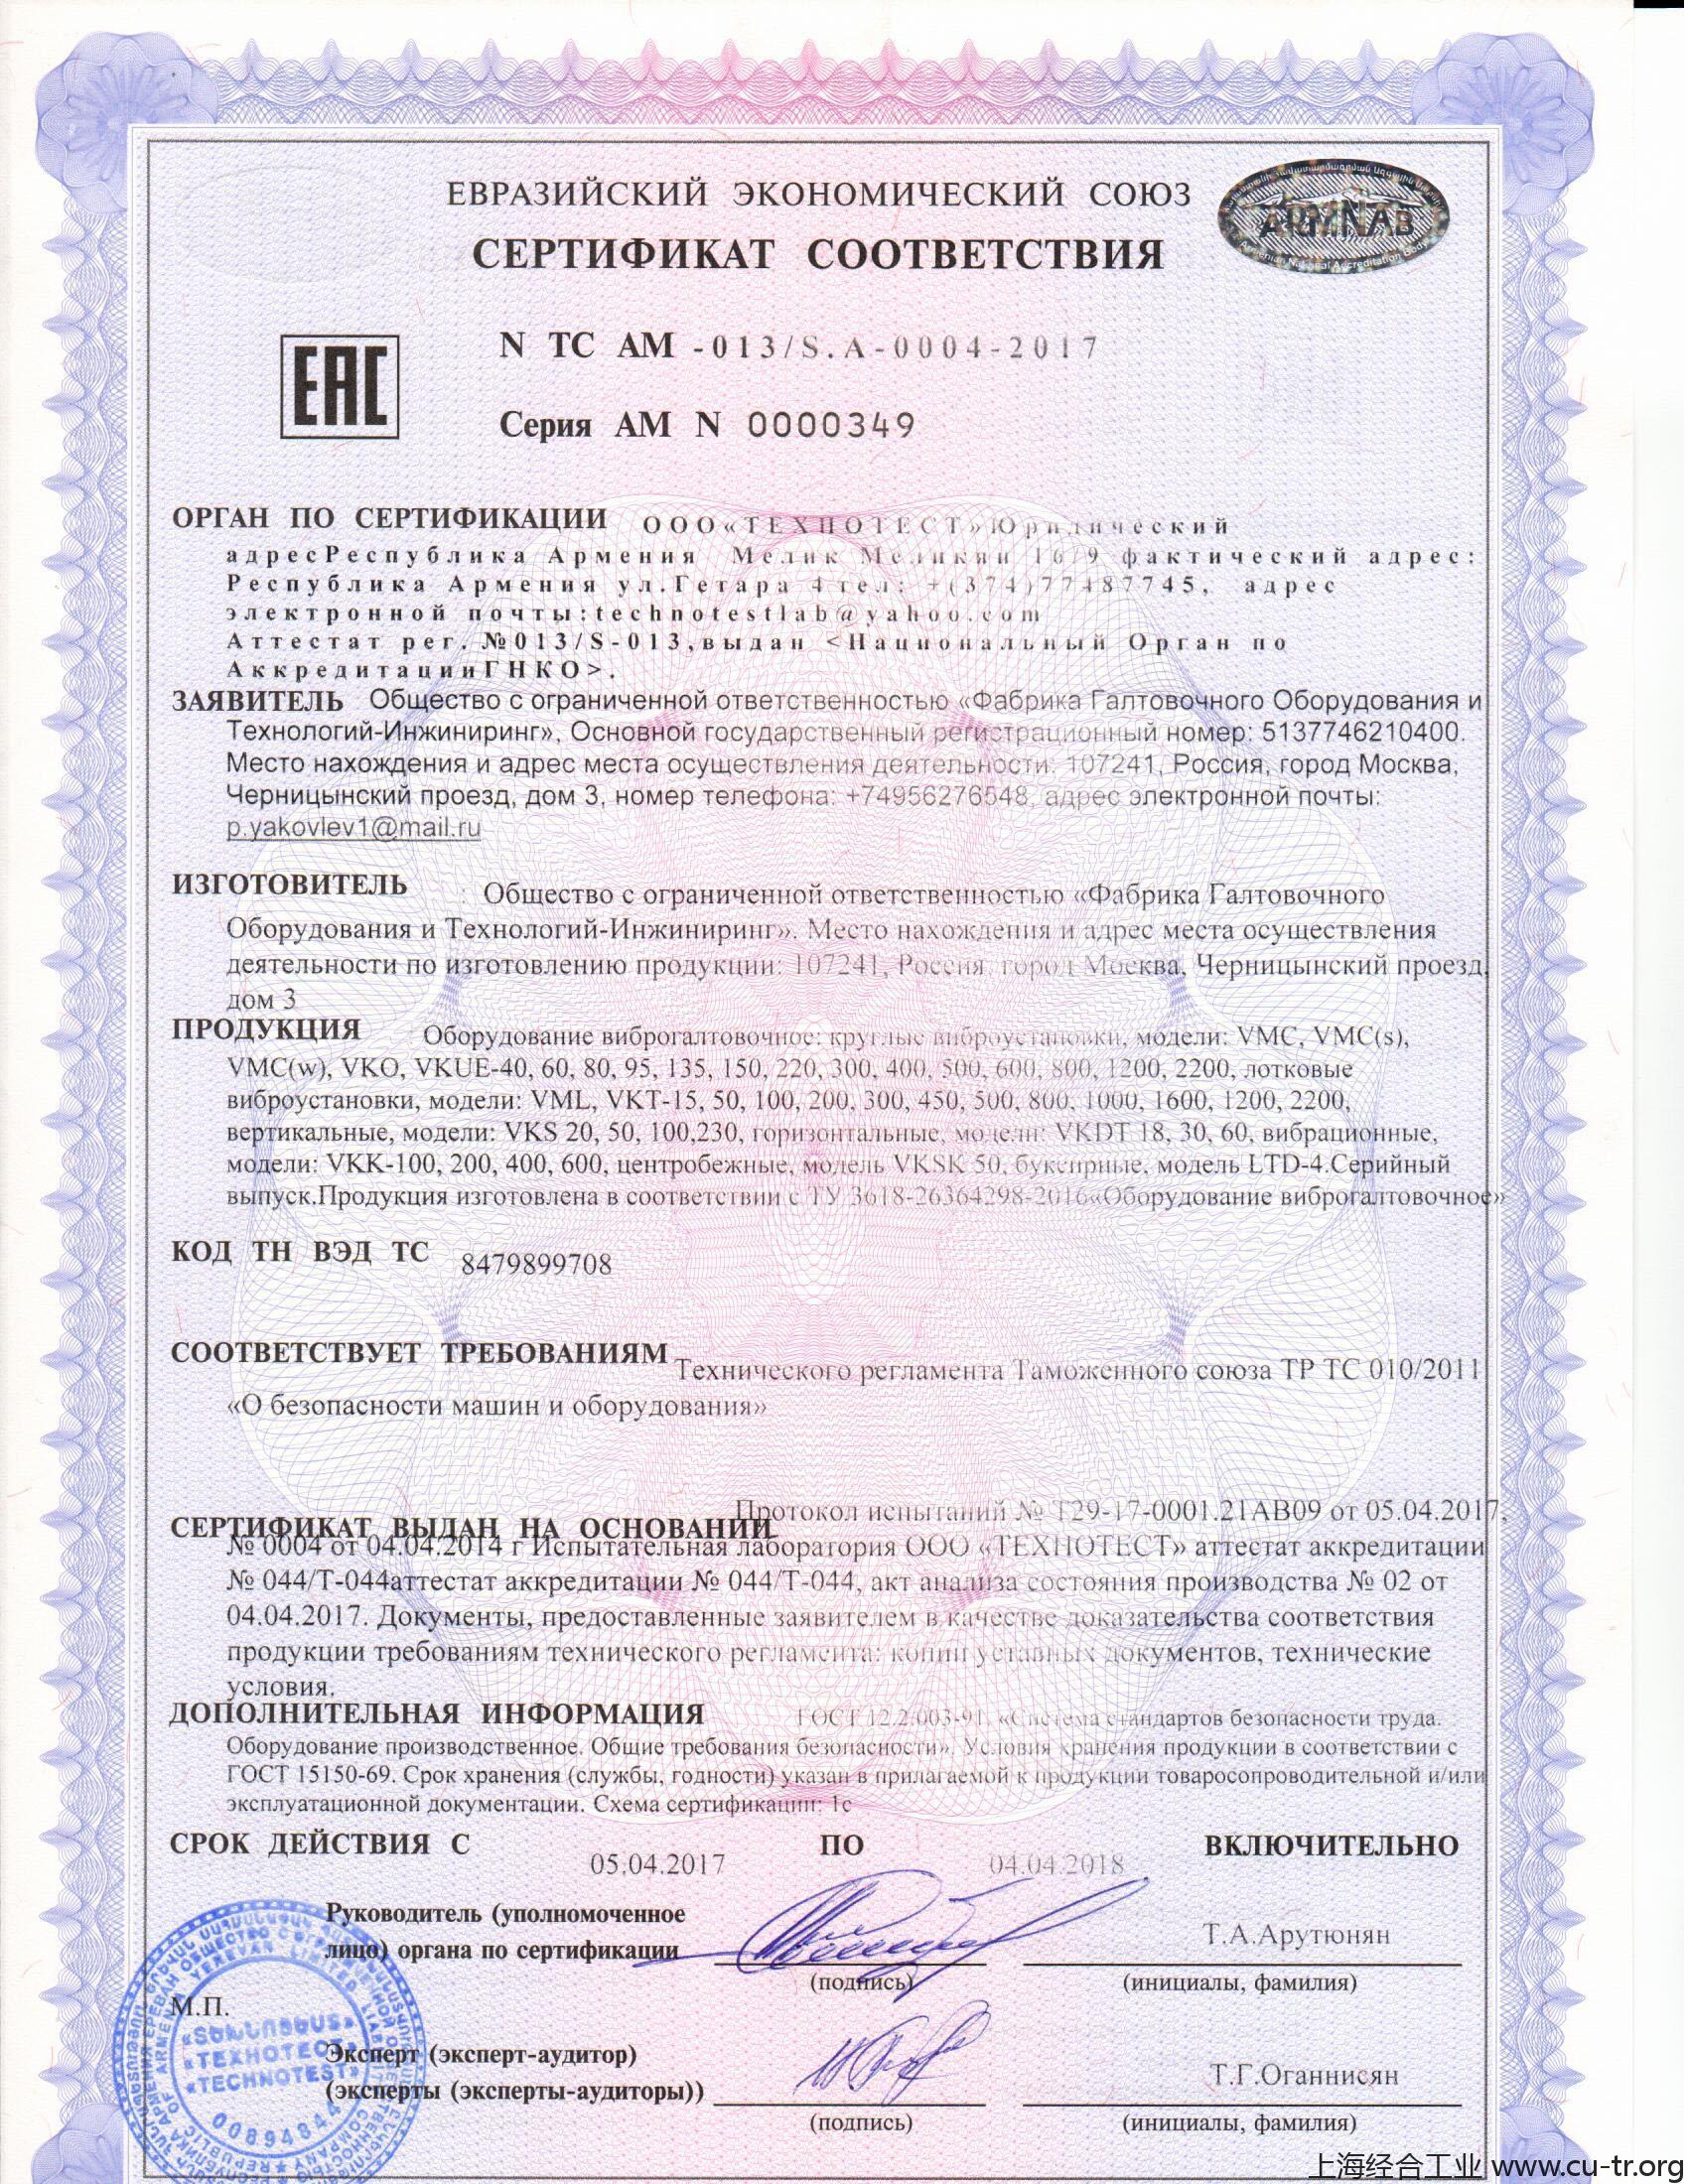 亚美尼亚认证,亚美尼亚EAC认证/CU-TR certificate和CU-TR Declaration